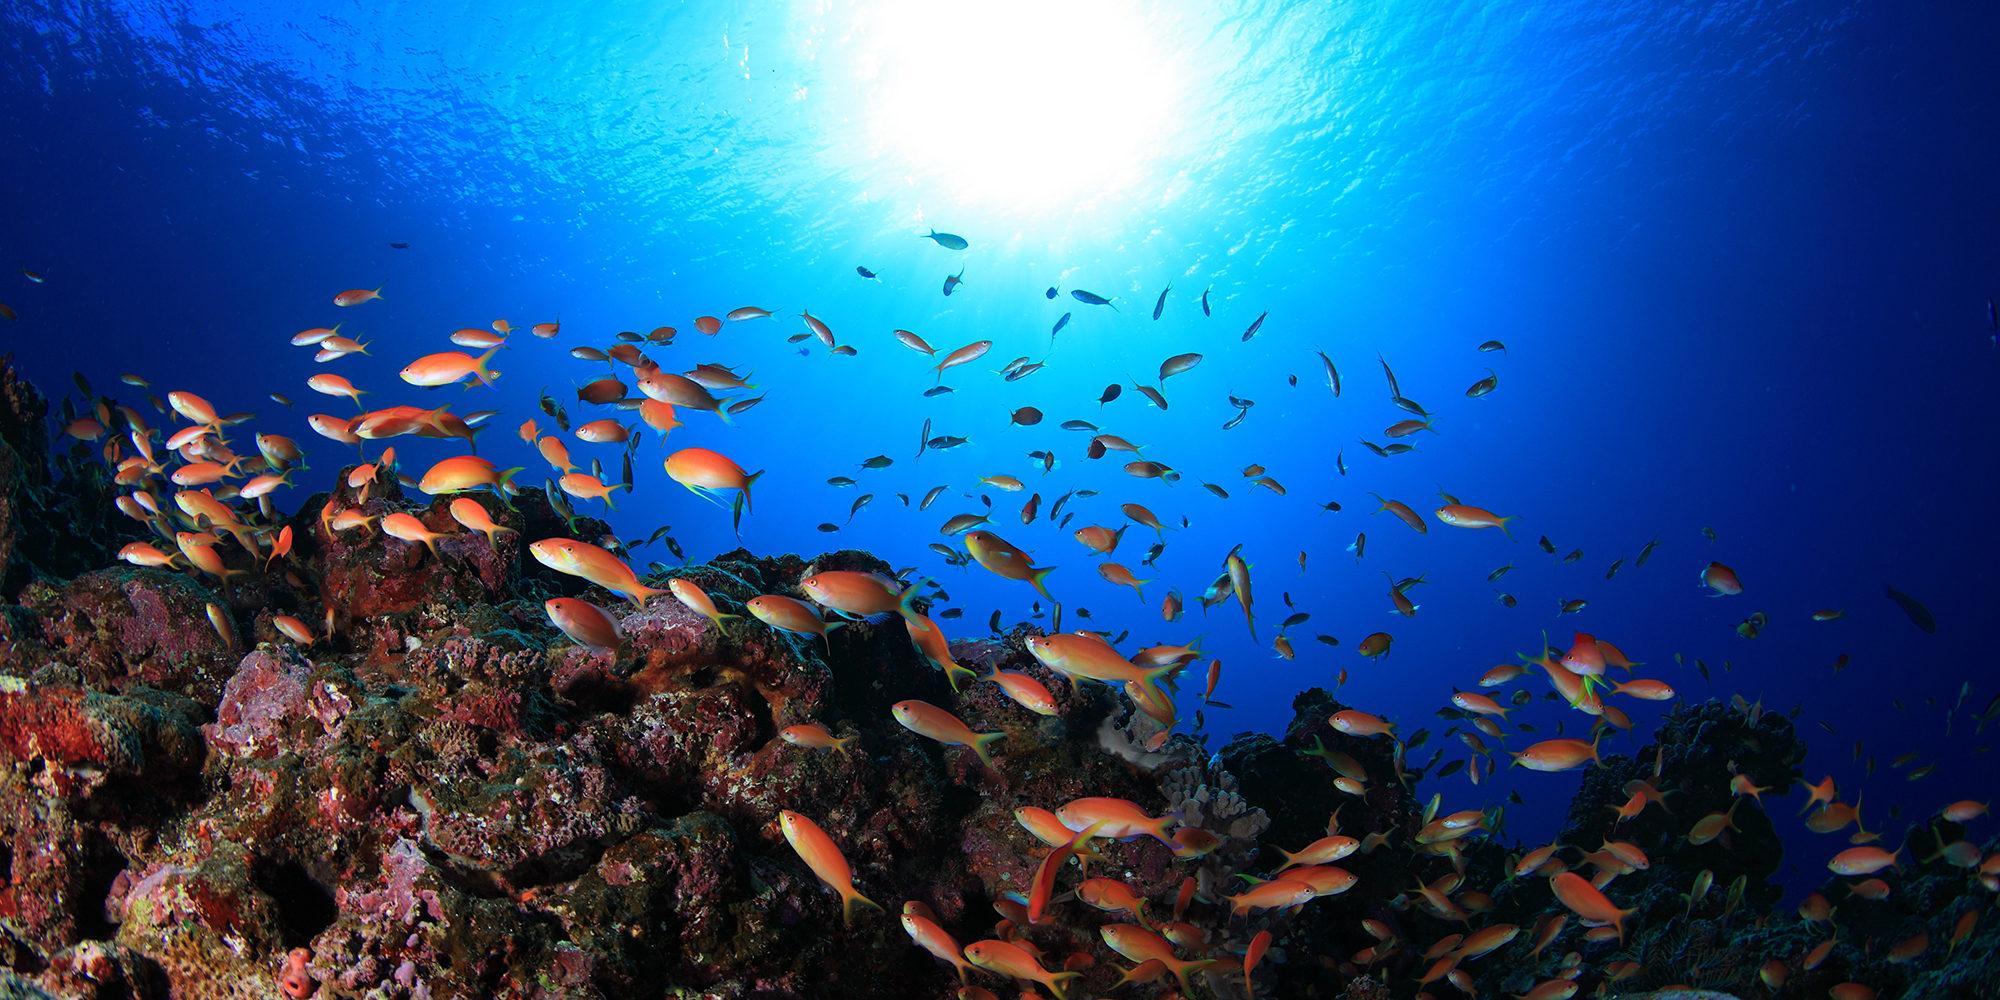 沖縄でファンダイビング-沖縄でライセンス取得するならダイビングショップサニーデイズ